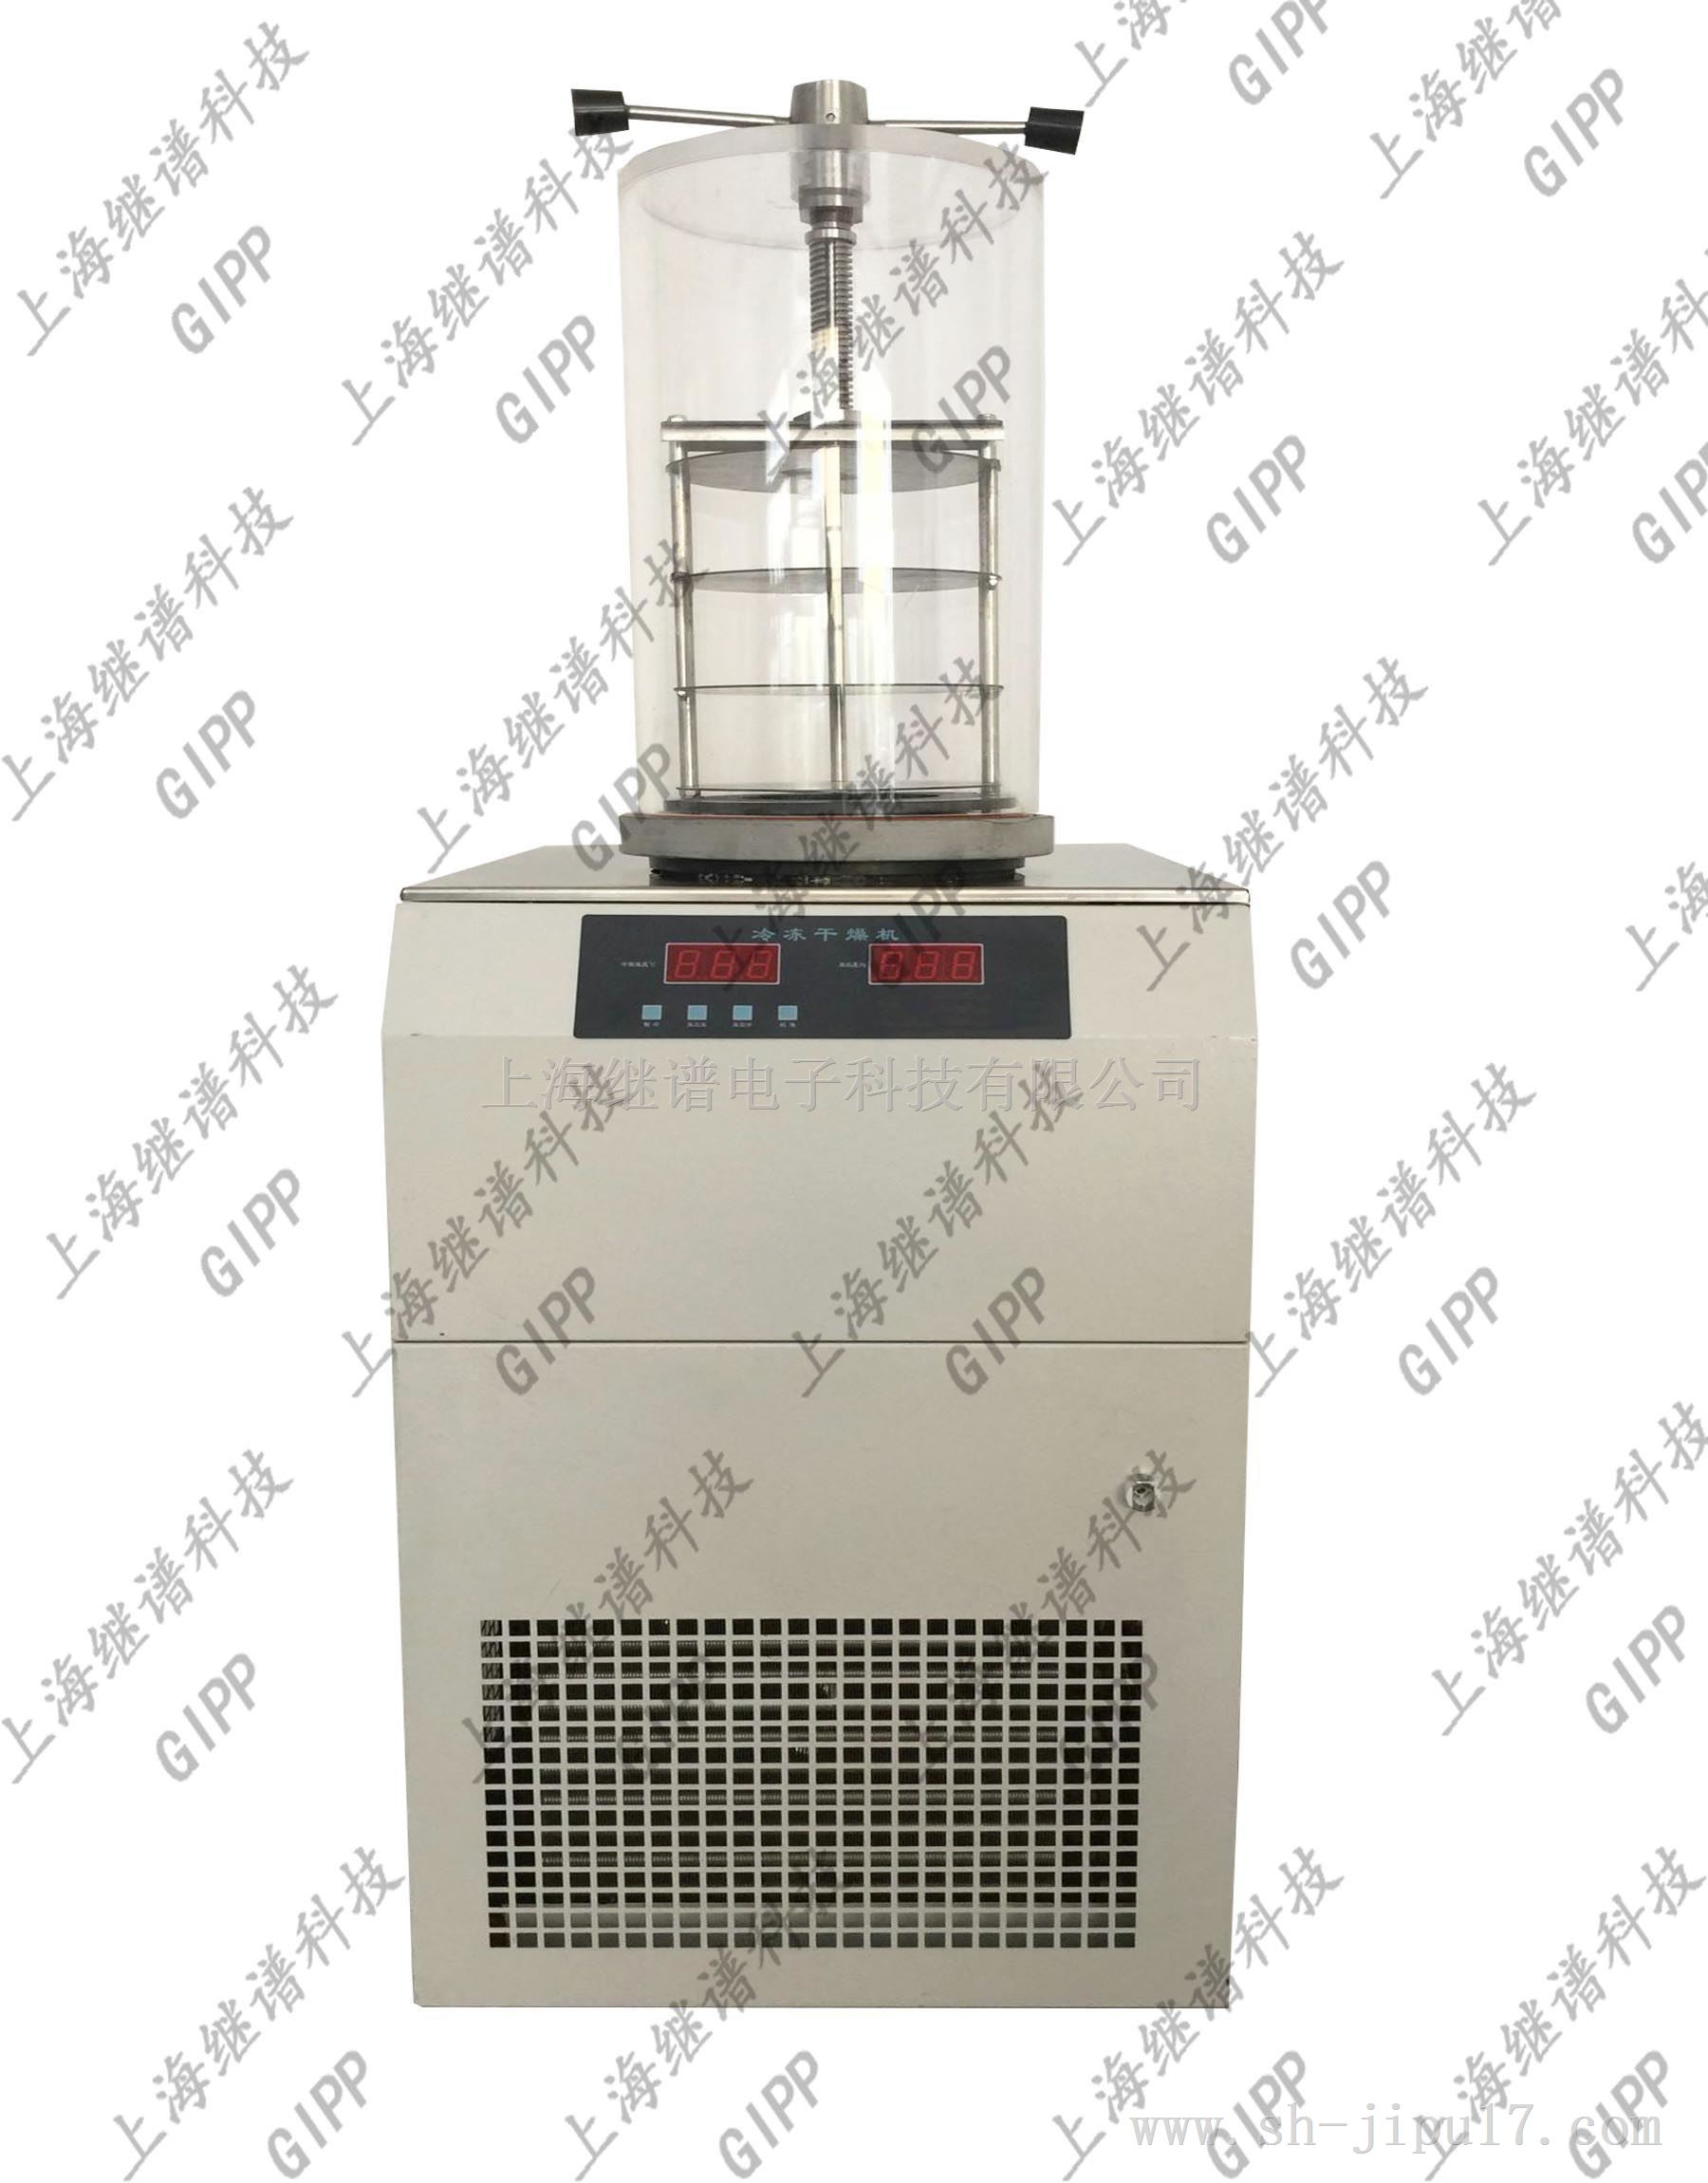 真空冷冻干燥机(FD-1B-80压盖型,冷凝温度-80℃)